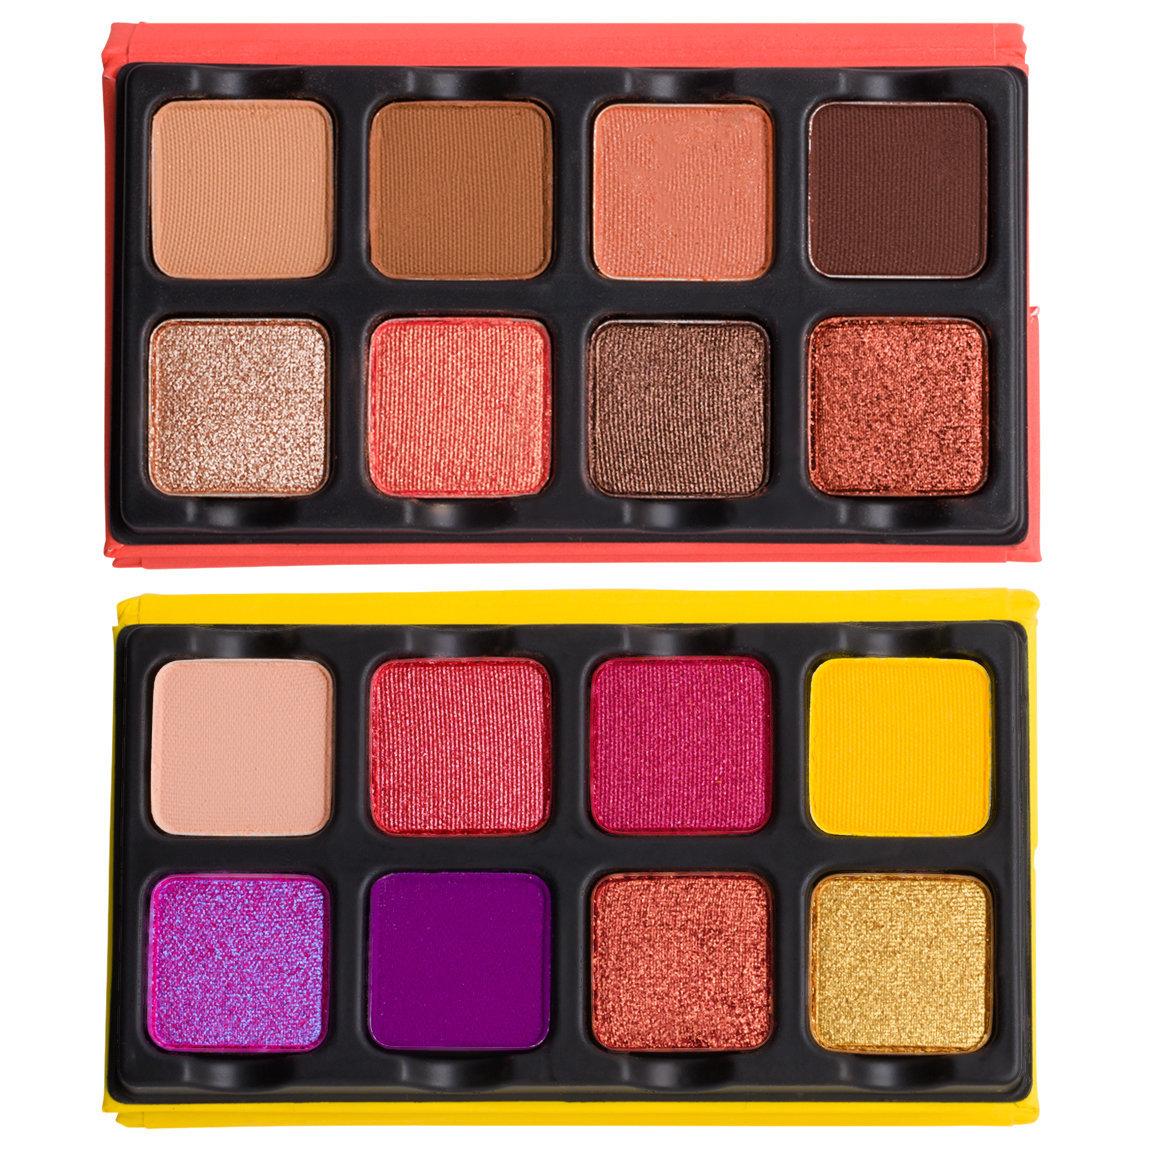 Viseart Petit Pro Palette 04 Apricotine & 05 Soleil Bundle product swatch.